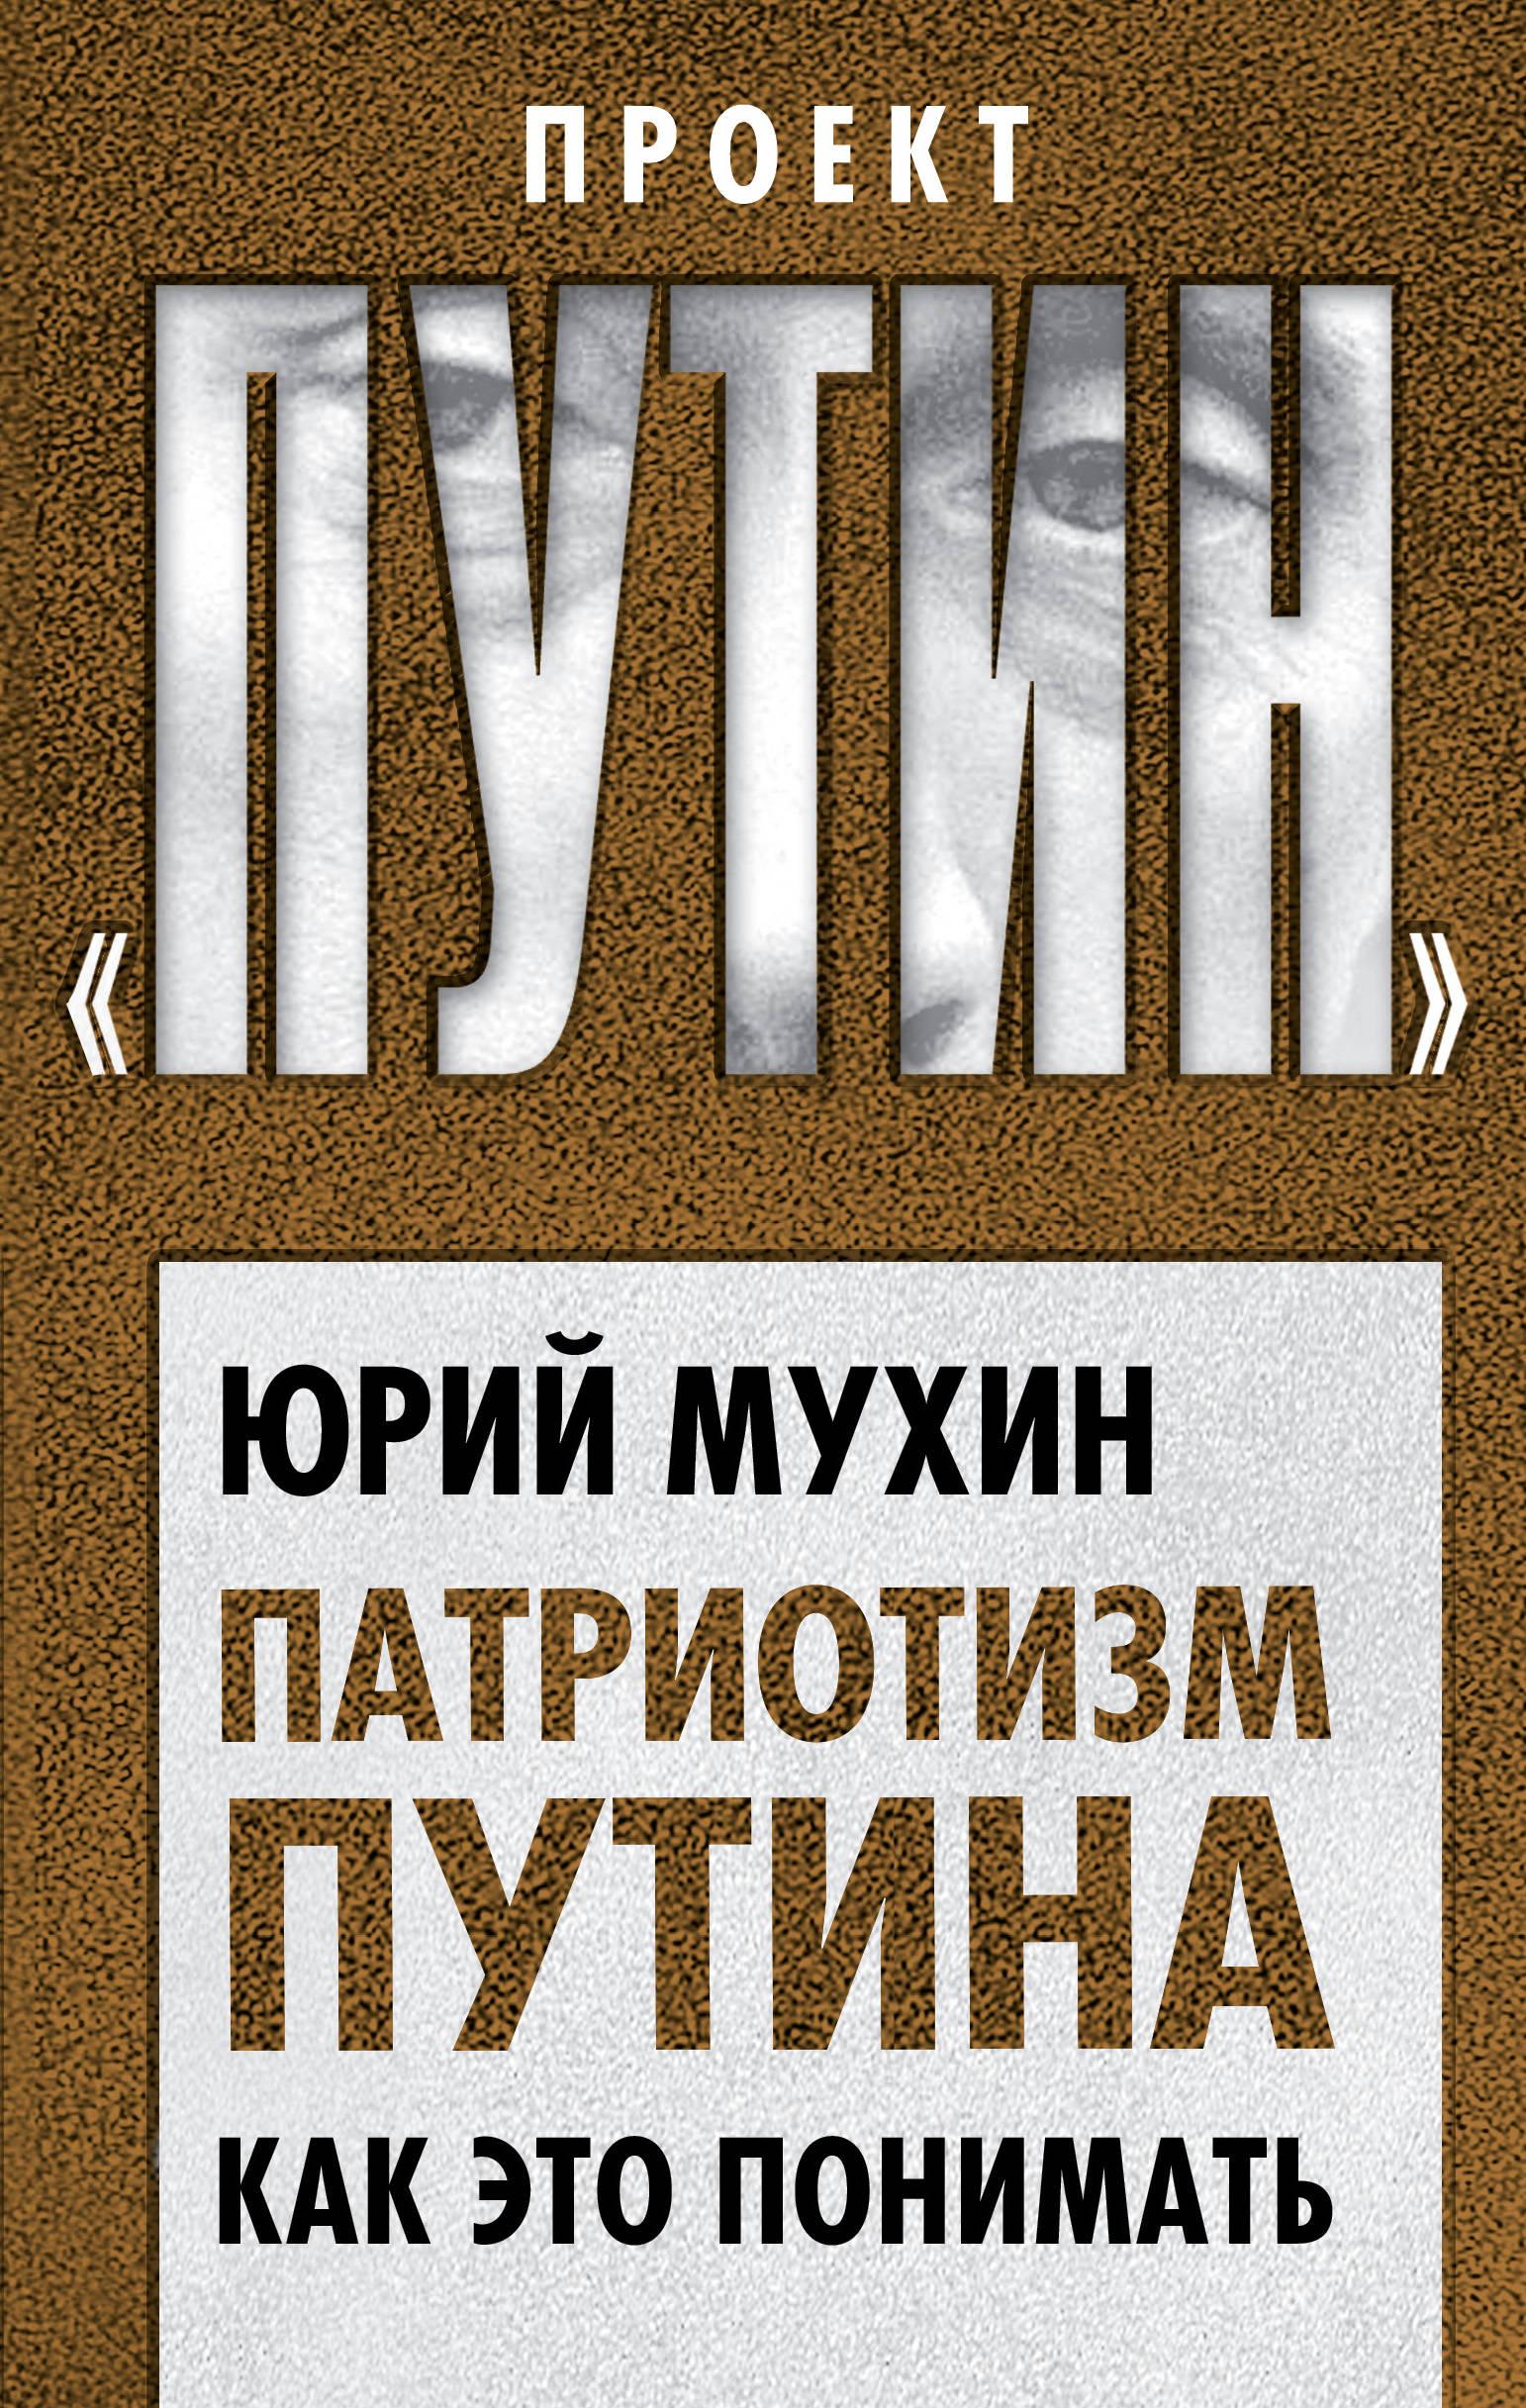 Мухин Юрий Игнатьевич Патриотизм Путина. Как это понимать